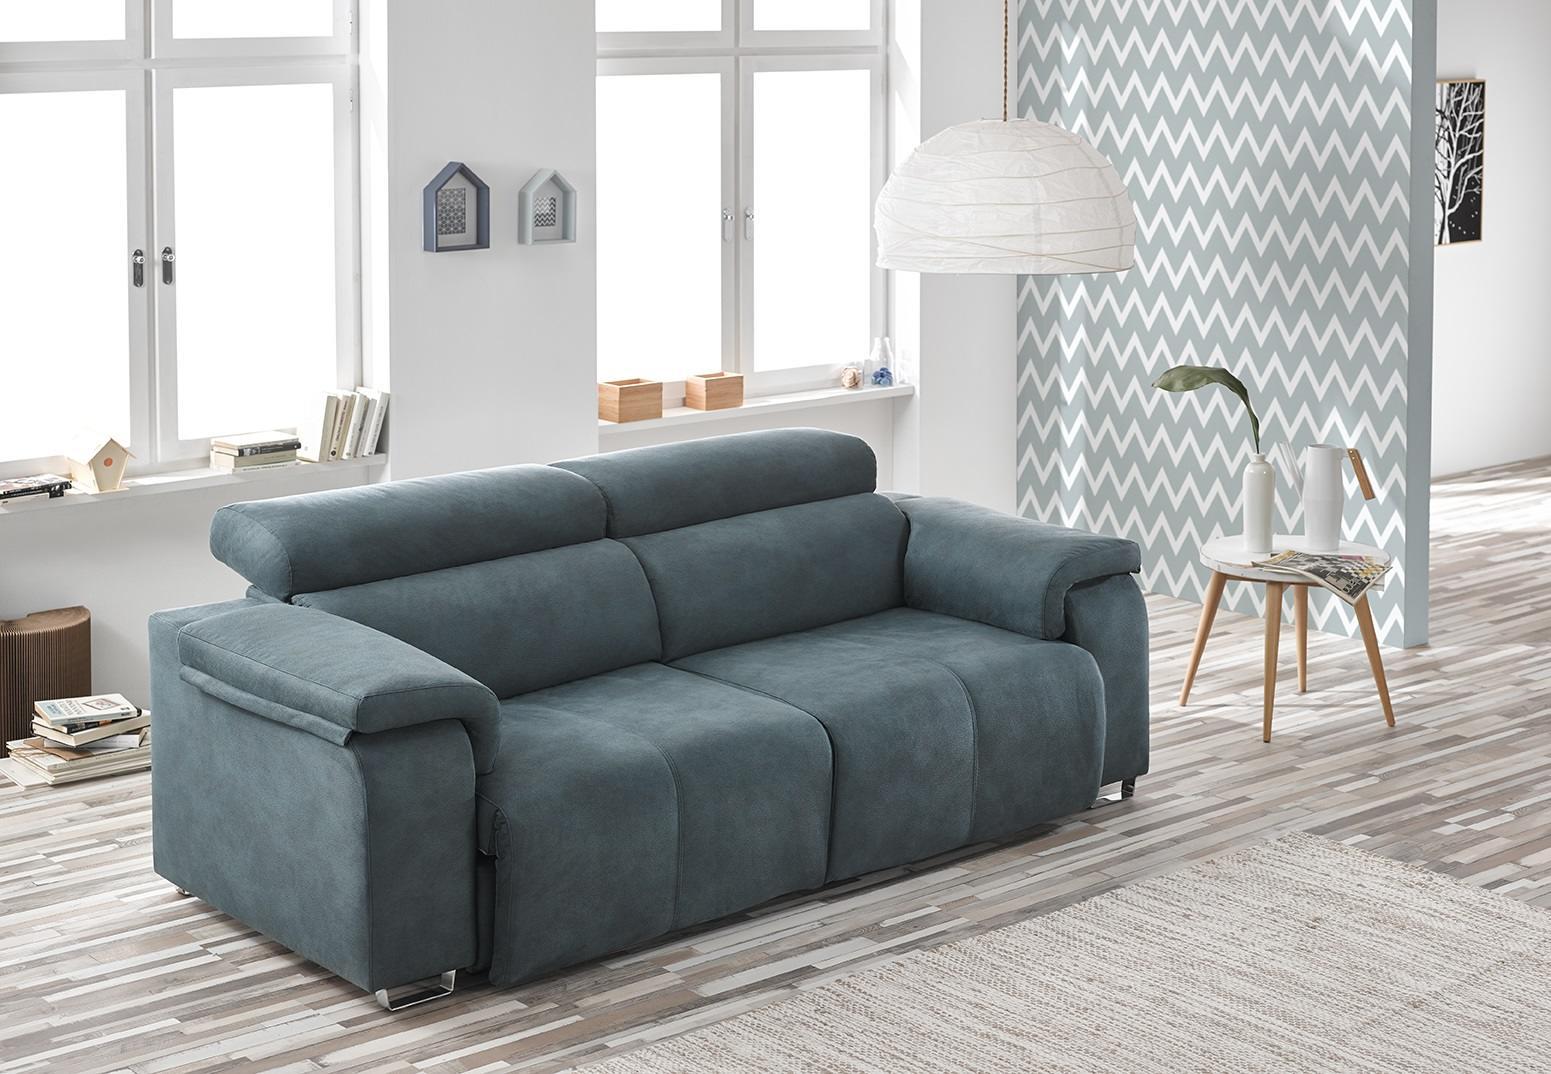 Sofá cama Chaise longe modelo calais de Noryk